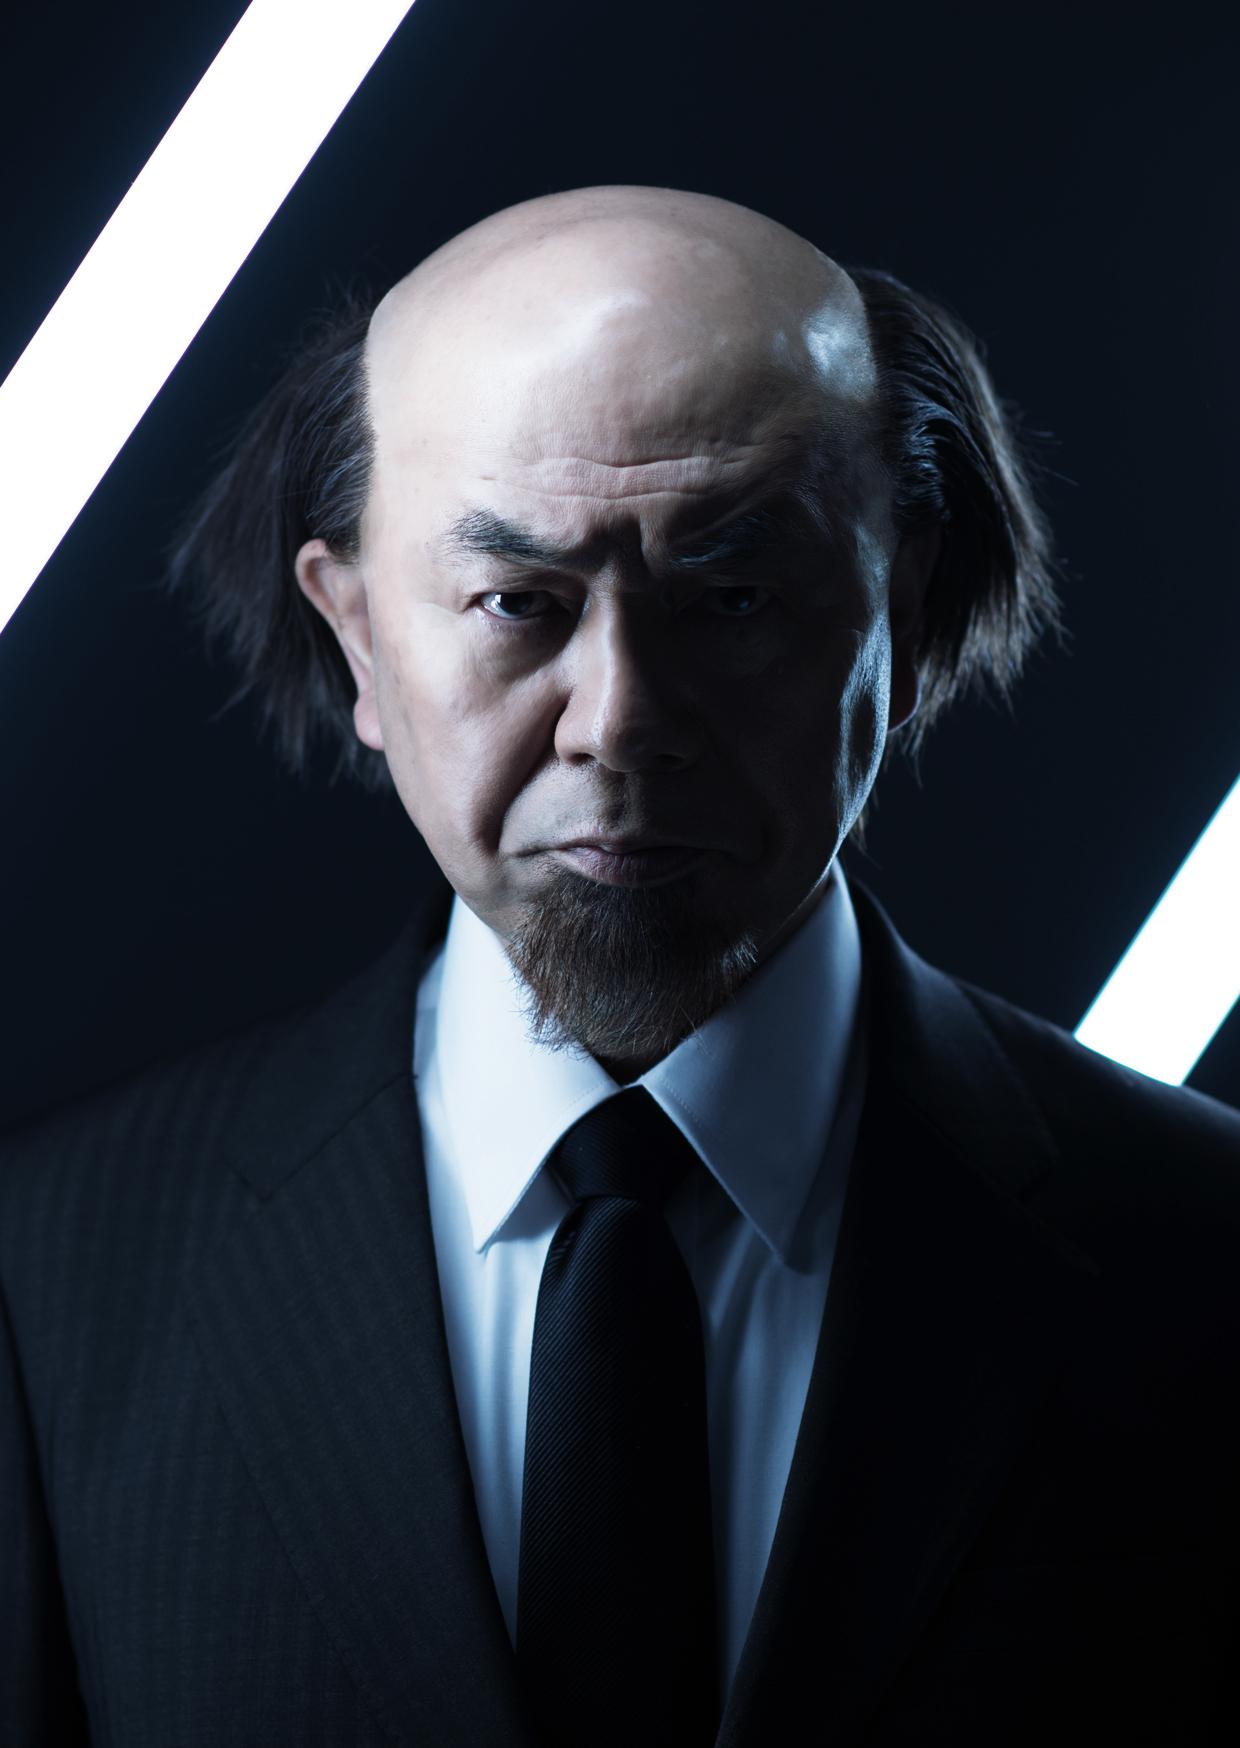 ©士郎正宗・Production I.G/講談社・「攻殻機動隊ARISE」製作委員会